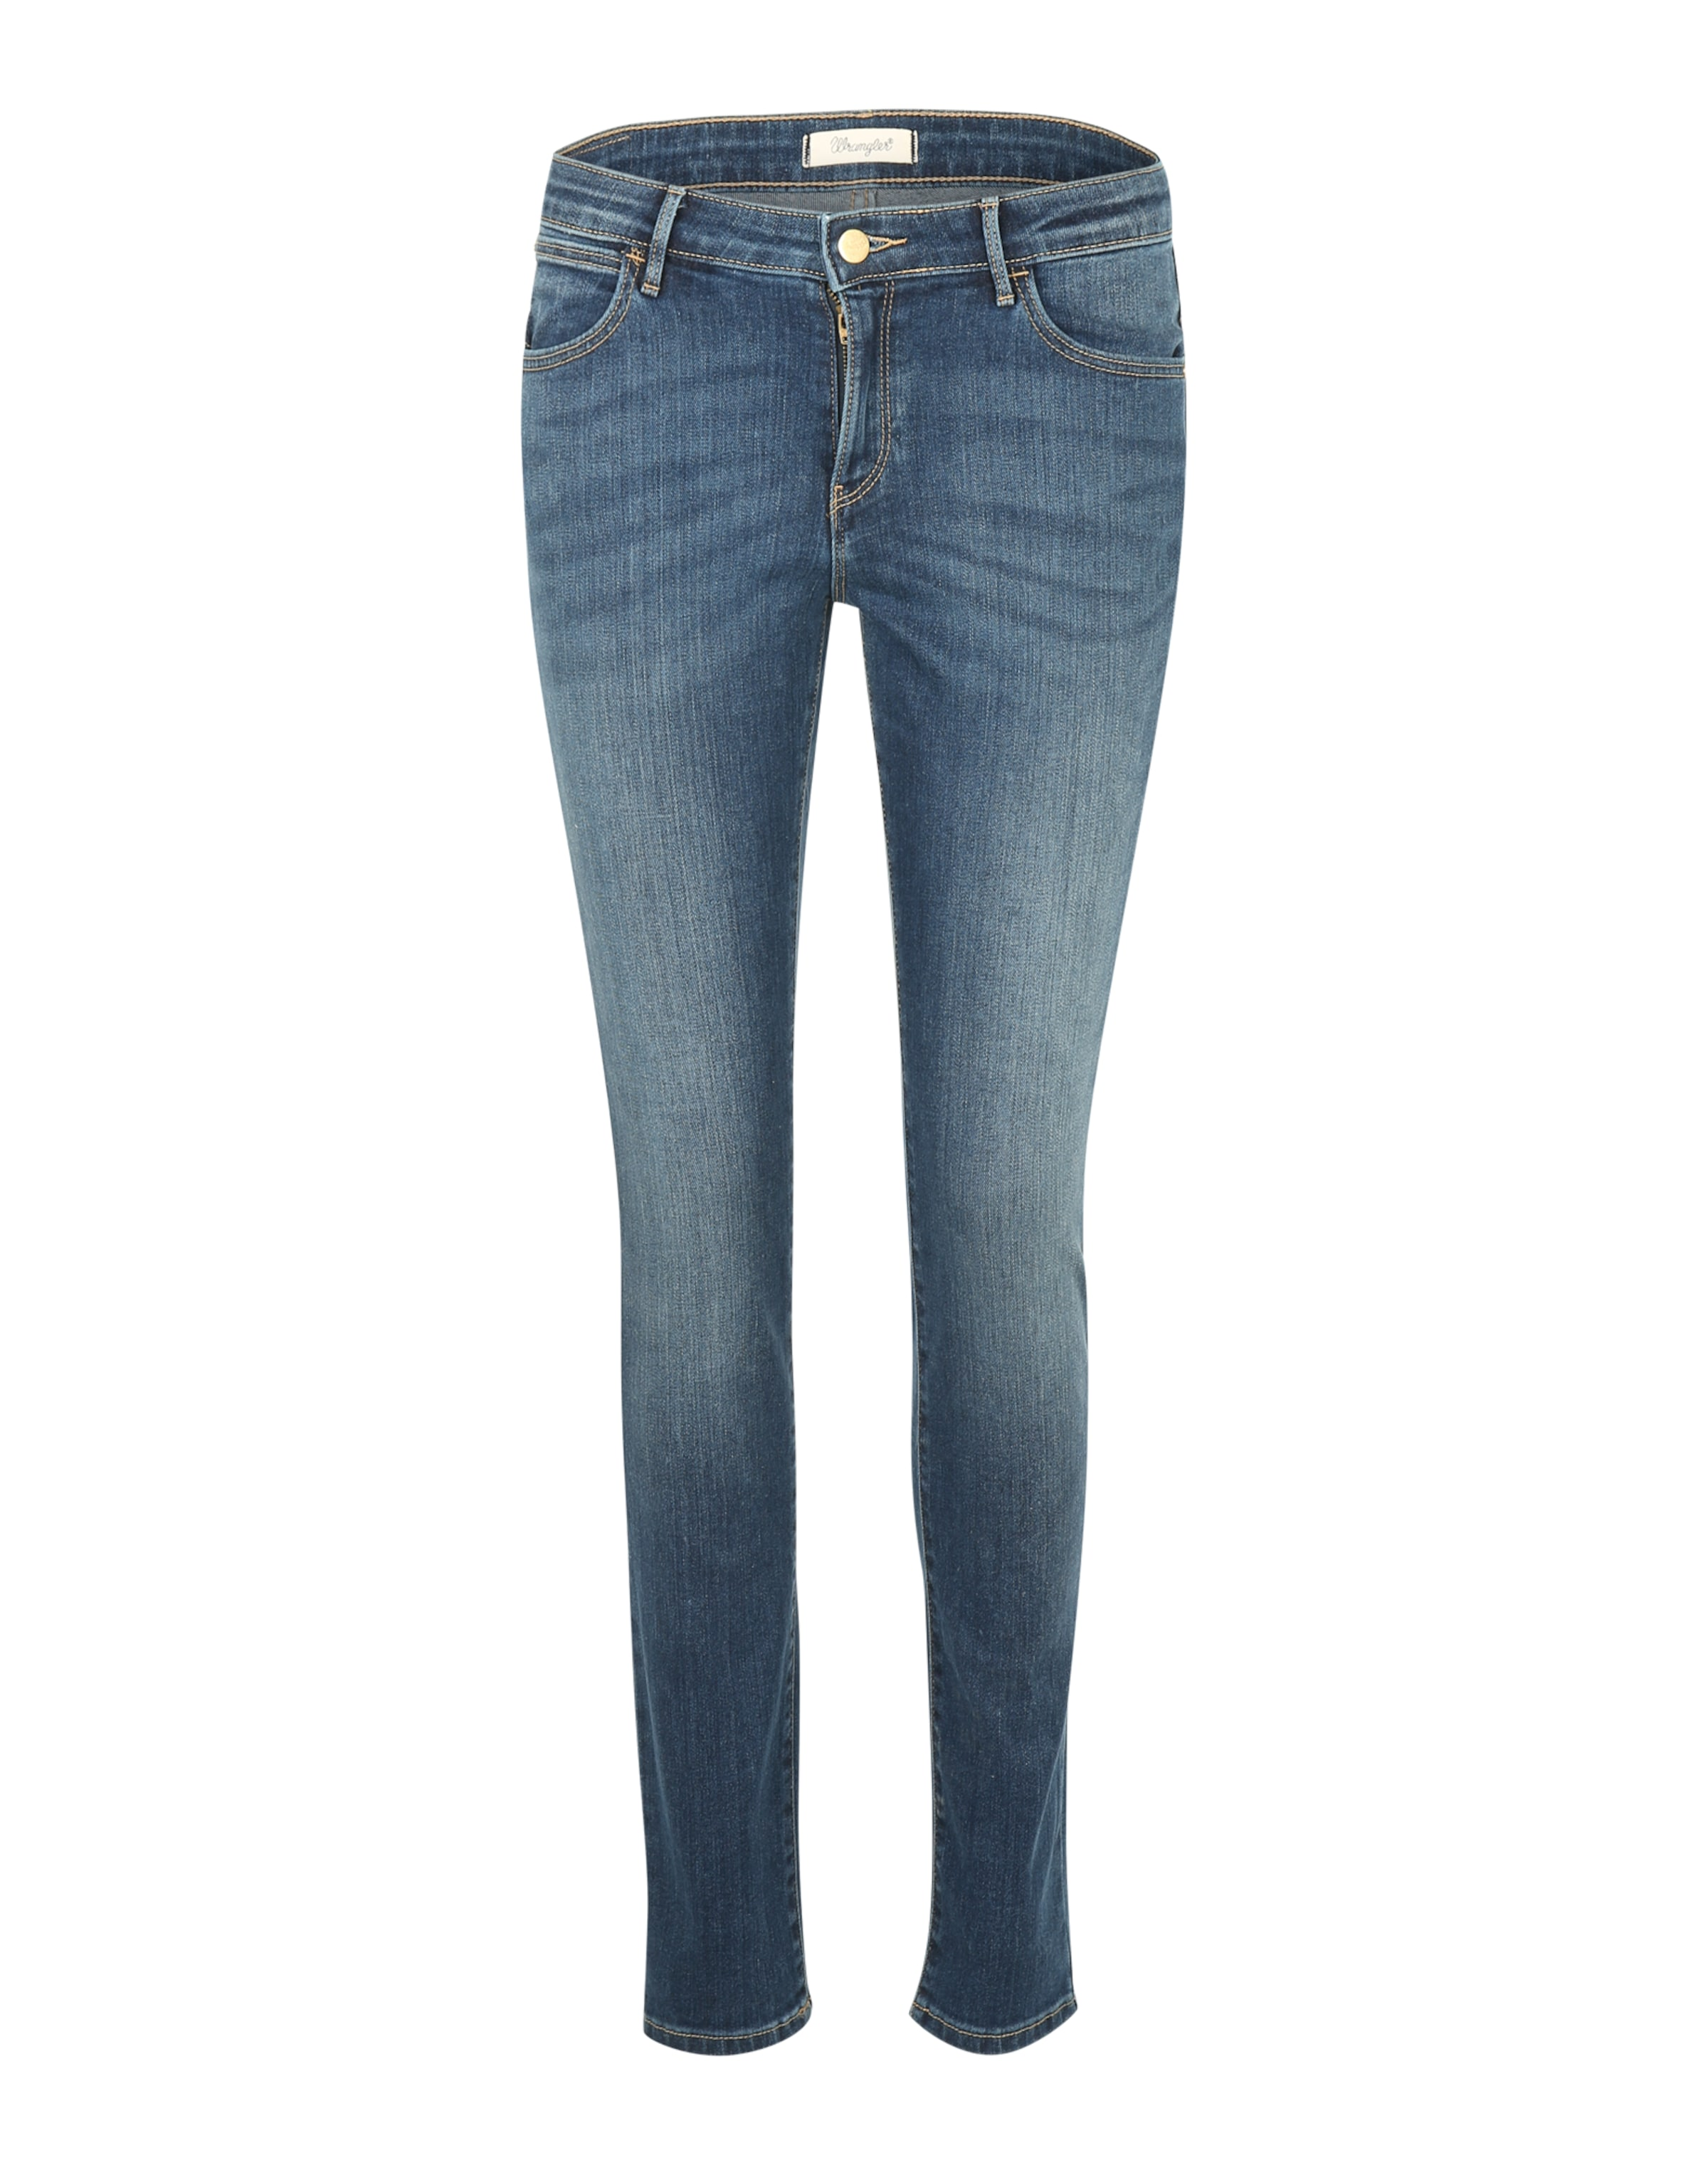 WRANGLER Skinny Jeans Auslass Verkauf Online Verkauf Sehr Billig Auslass Bester Verkauf MUBOCC7E